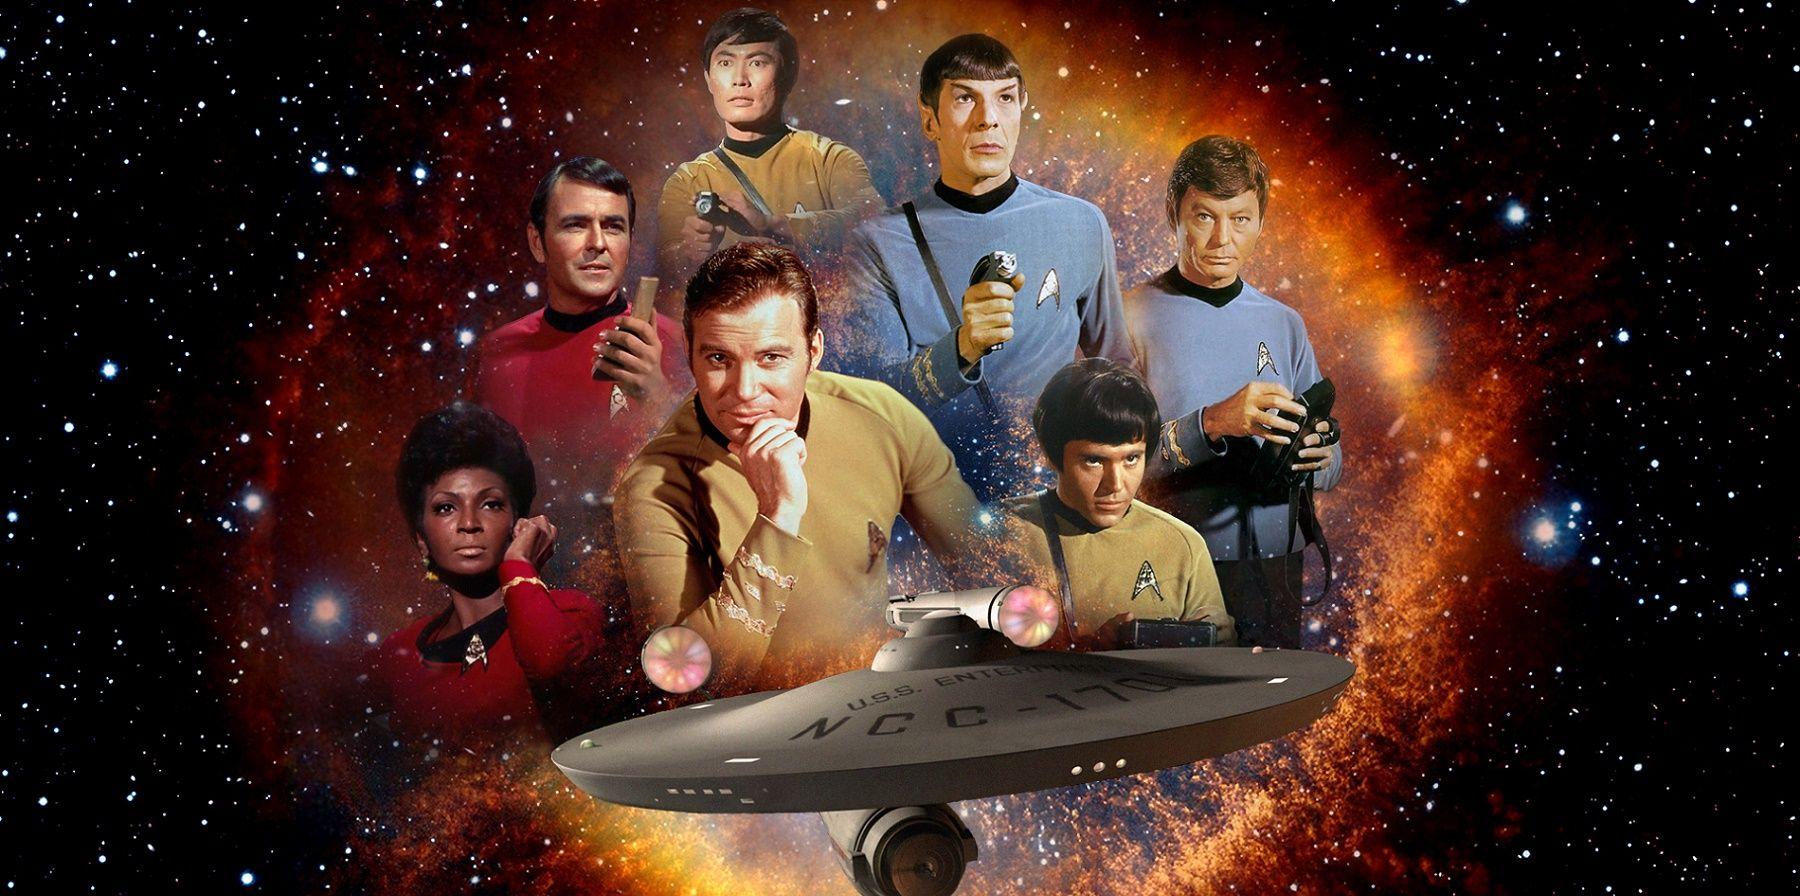 Aparelho inspirado em Star Trek diagnostica doenças em 15 minutos 2